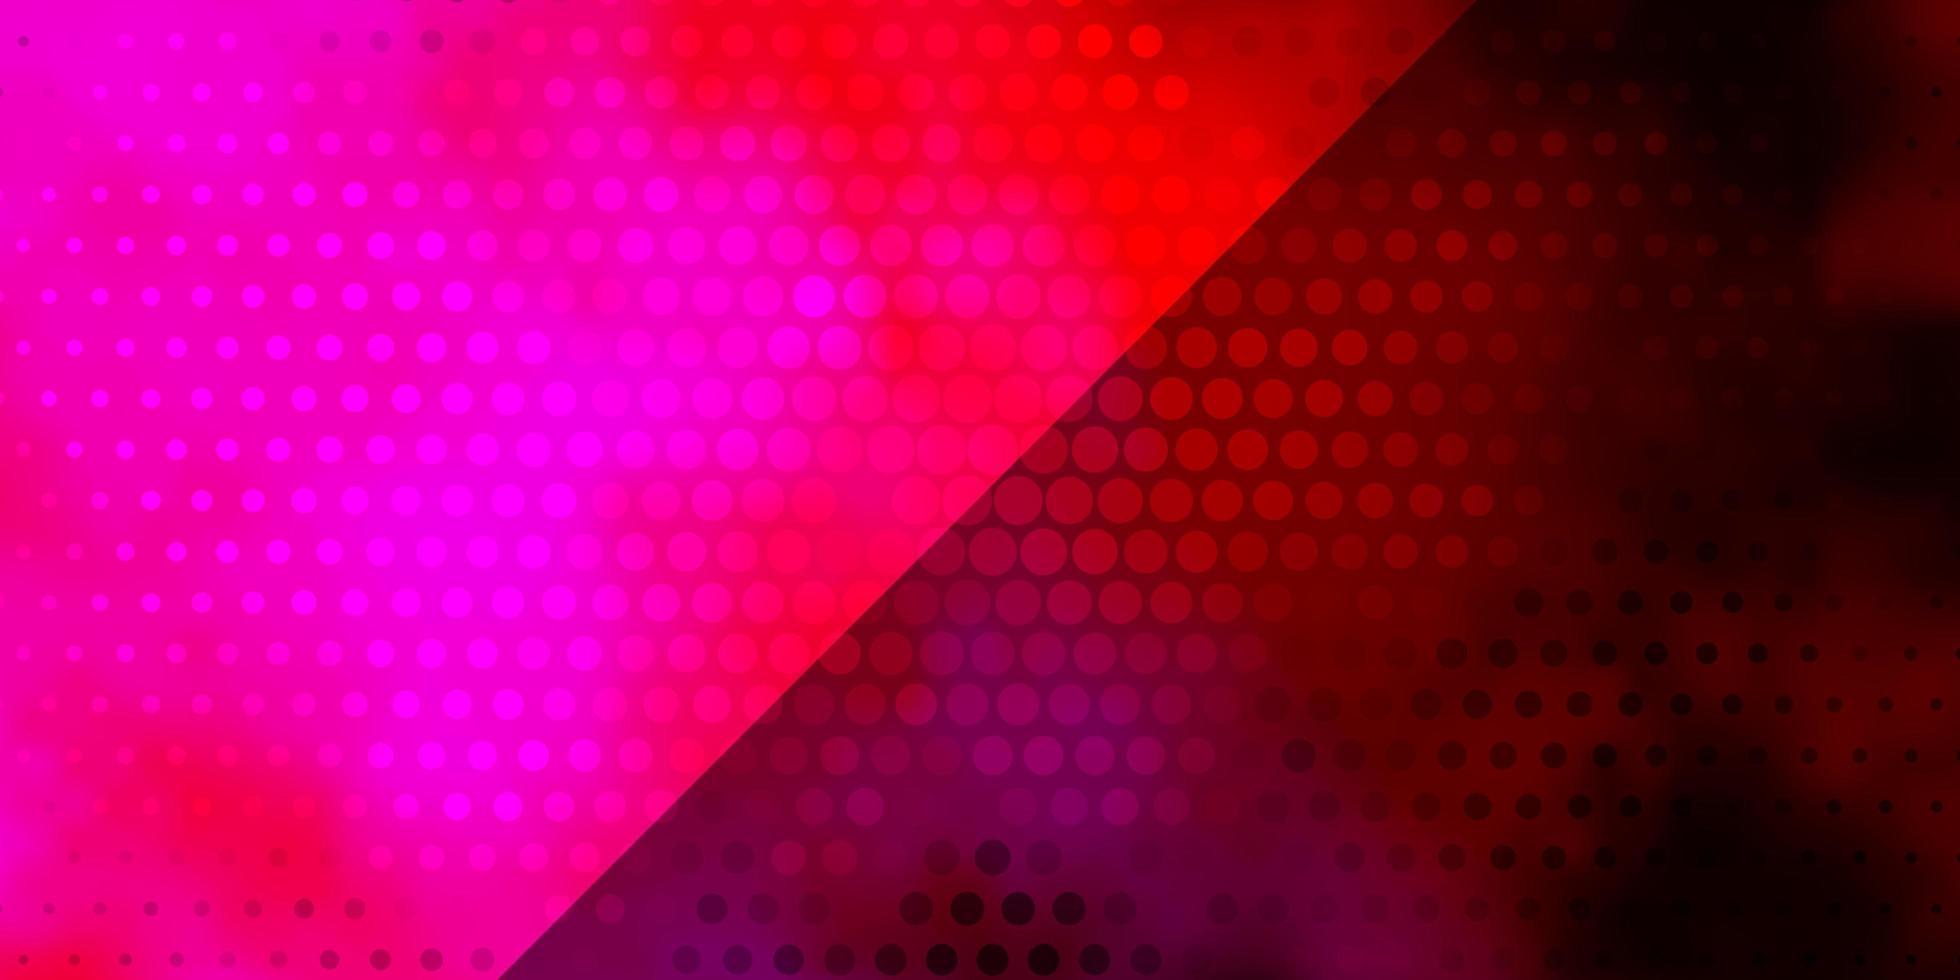 fundo vector roxo escuro, rosa com círculos